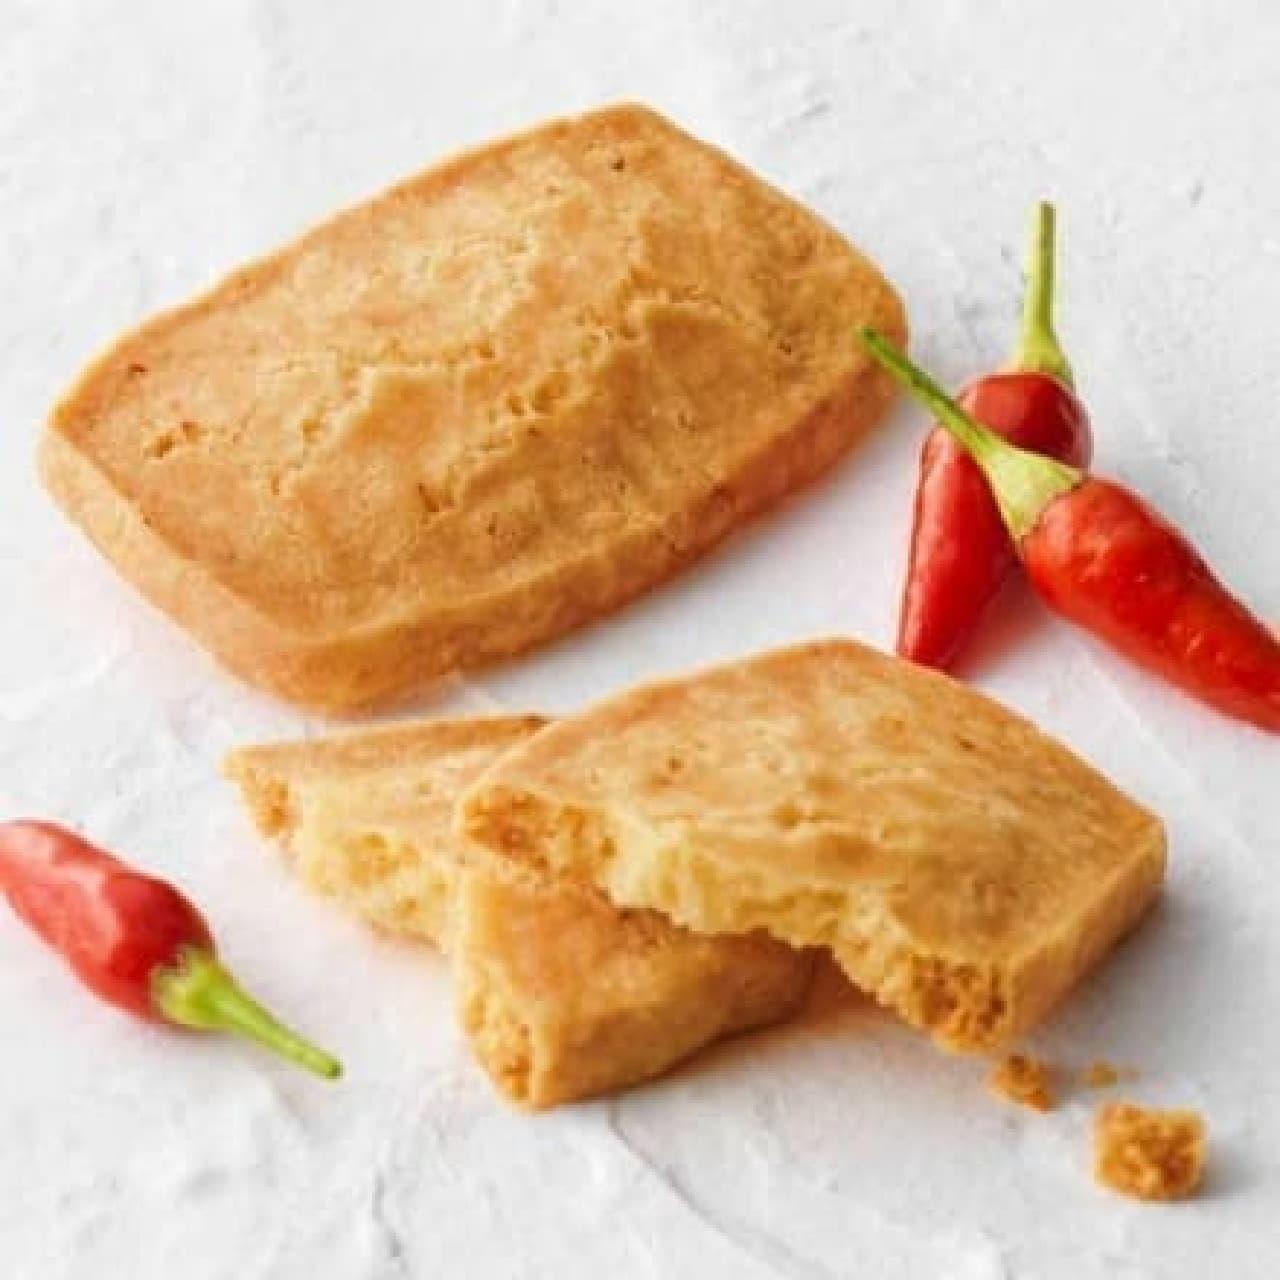 ロイズ石垣島 沖縄(うちなー)島とうがらしクッキー